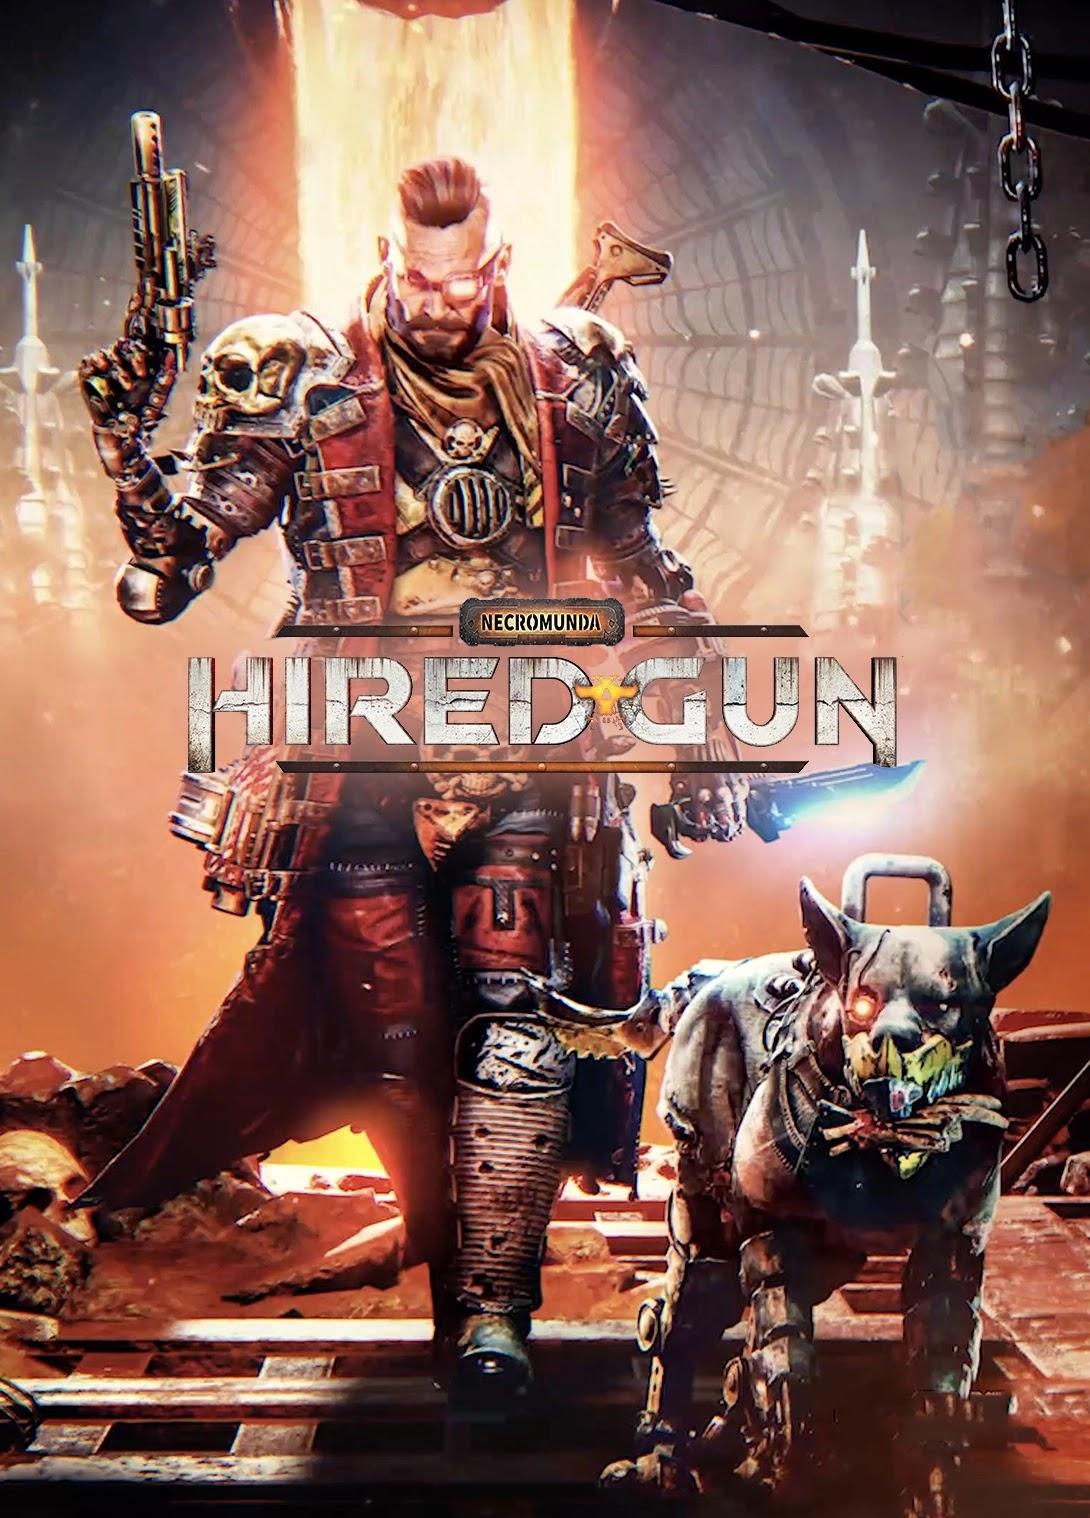 Baixar: Necromunda: Hired Gun Torrent (PC)